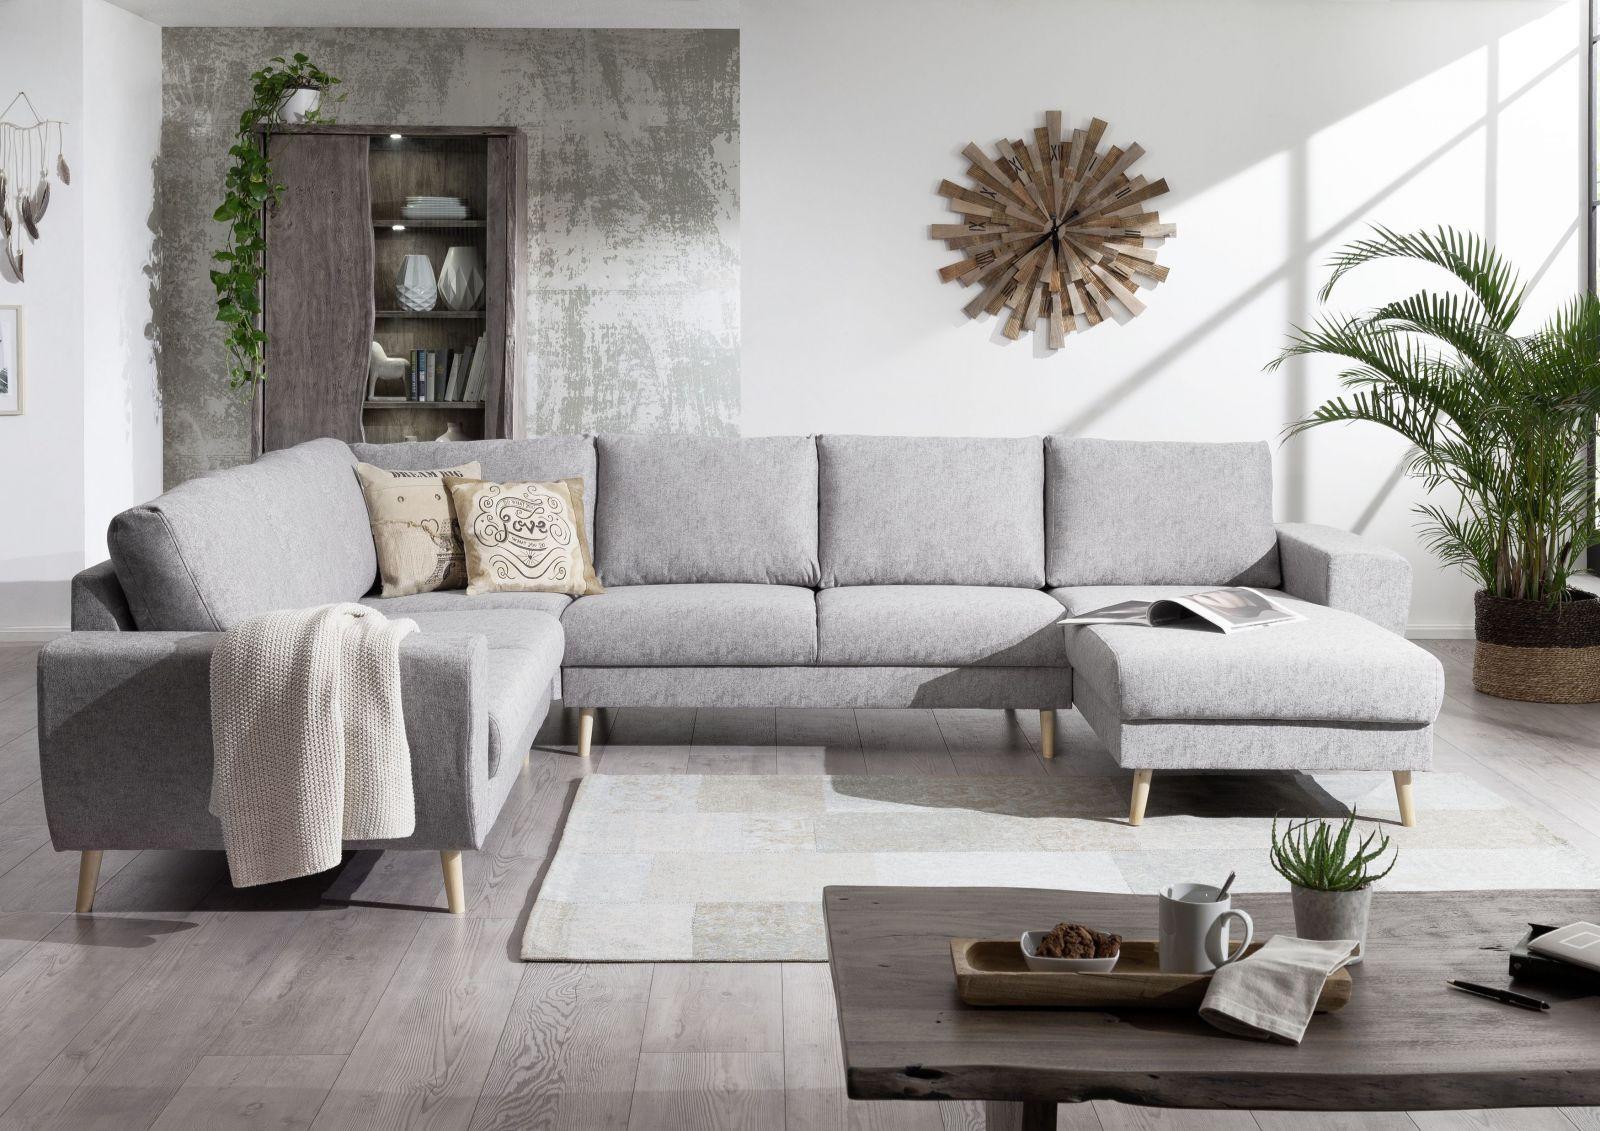 #massivmoebel24 #Sofa #wood #wohnen #holzdetail #massiv #Inspiration #interior #Wohnzimmer #Möbel #holz #instainterior #instahome #interiorlover #livingroom #Ecksofa #wohnlandschaft #modern #furniture  #einrichtung #einrichtungsideen #decoracao #decorideas #bamberg #modernhomes #dailyinterior #Couch